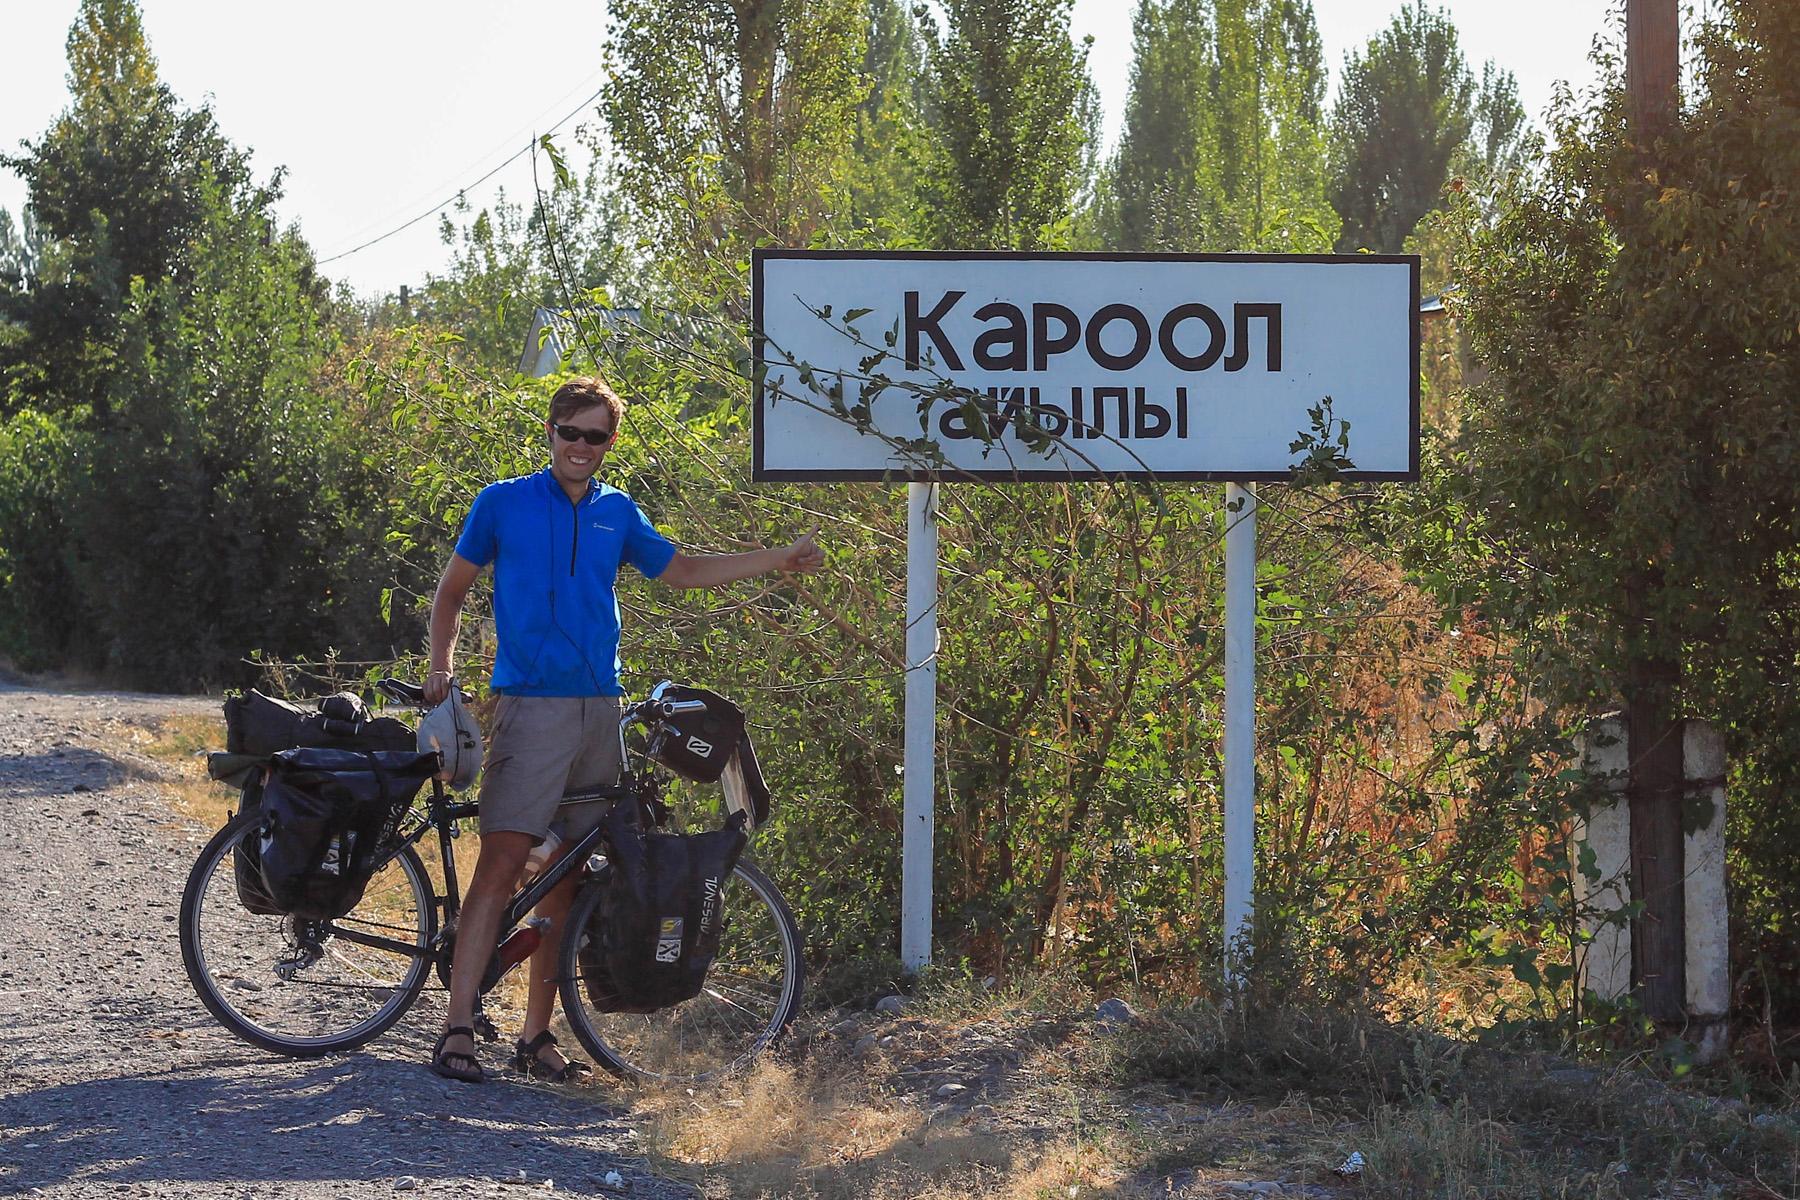 Trafić na ciekawe miasta i wsie. Tłumacząc: Karool!